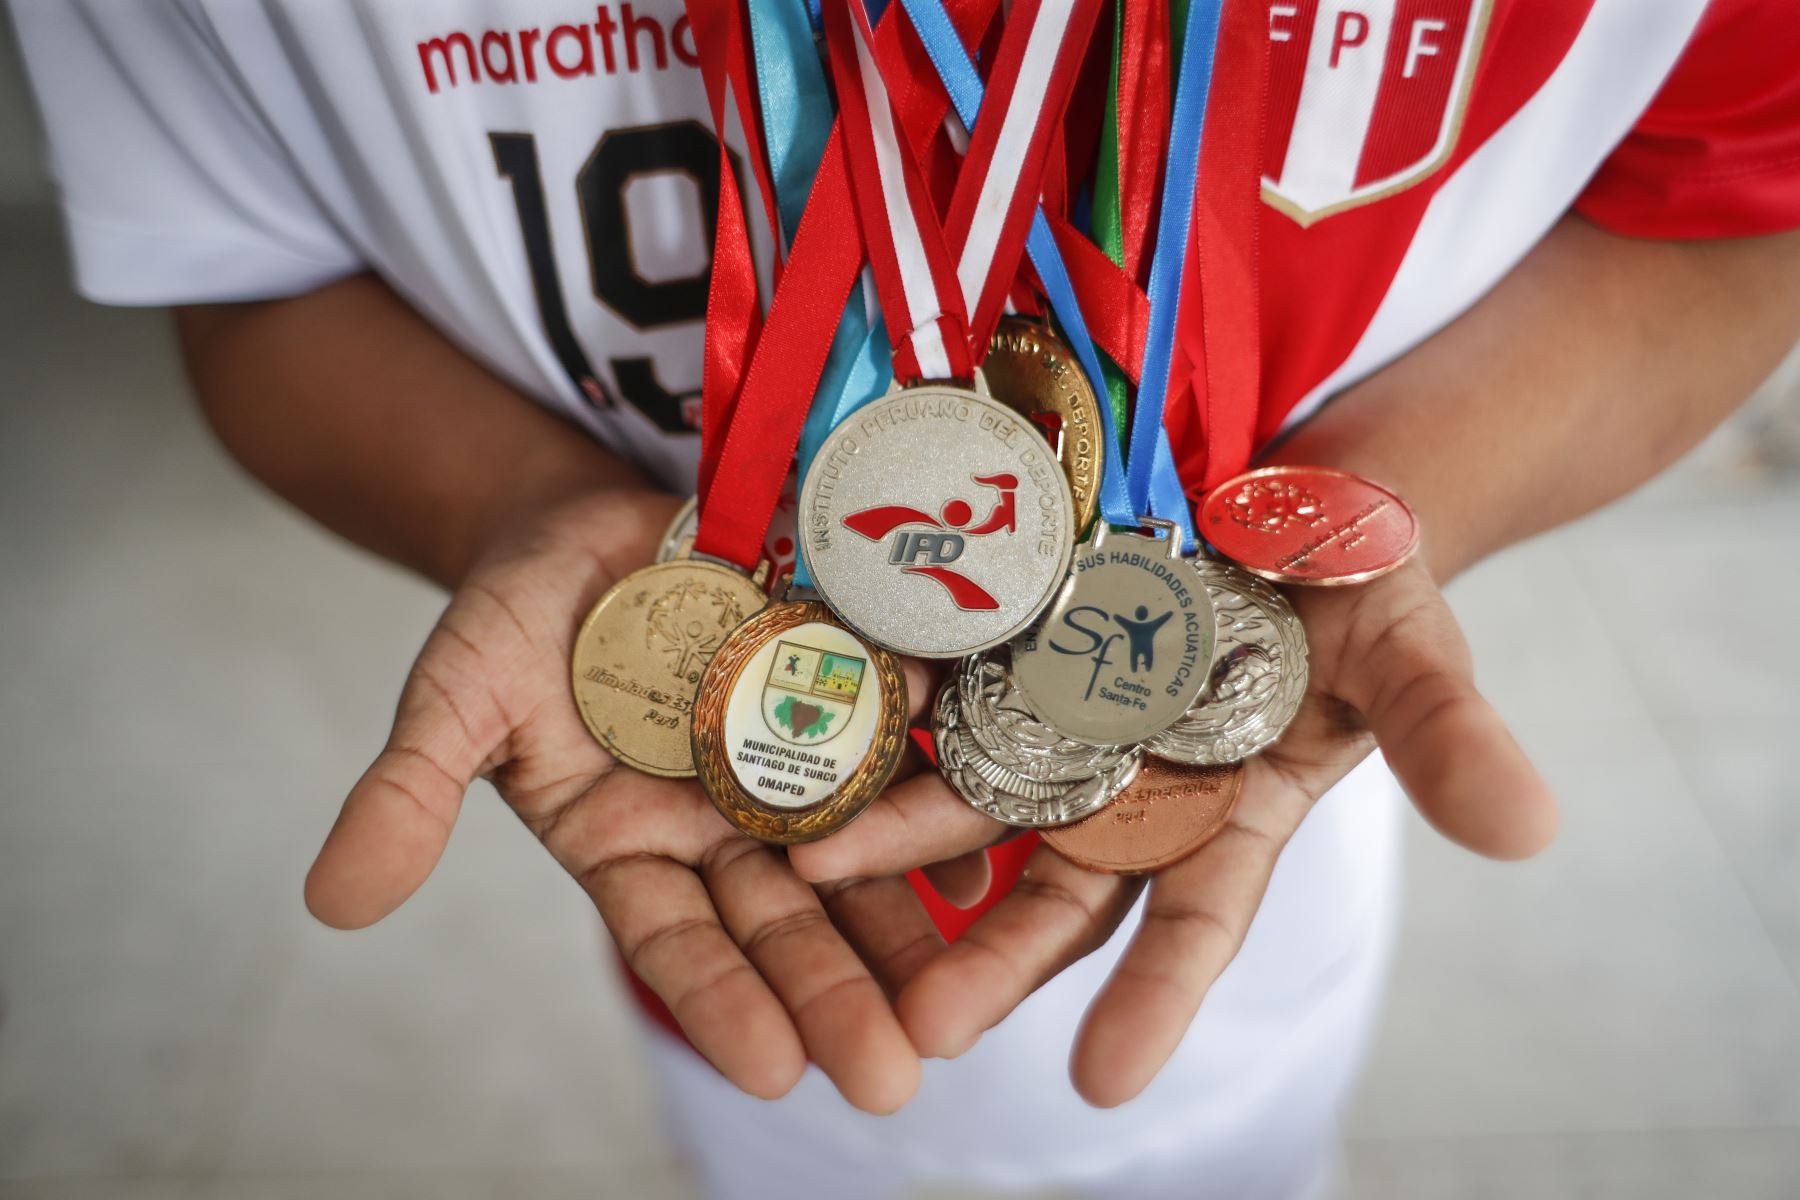 Pierre Espino enseña orgulloso las medallas que ha ganado en fútbol y natación. Foto: ANDINA/Renato Pajuelo